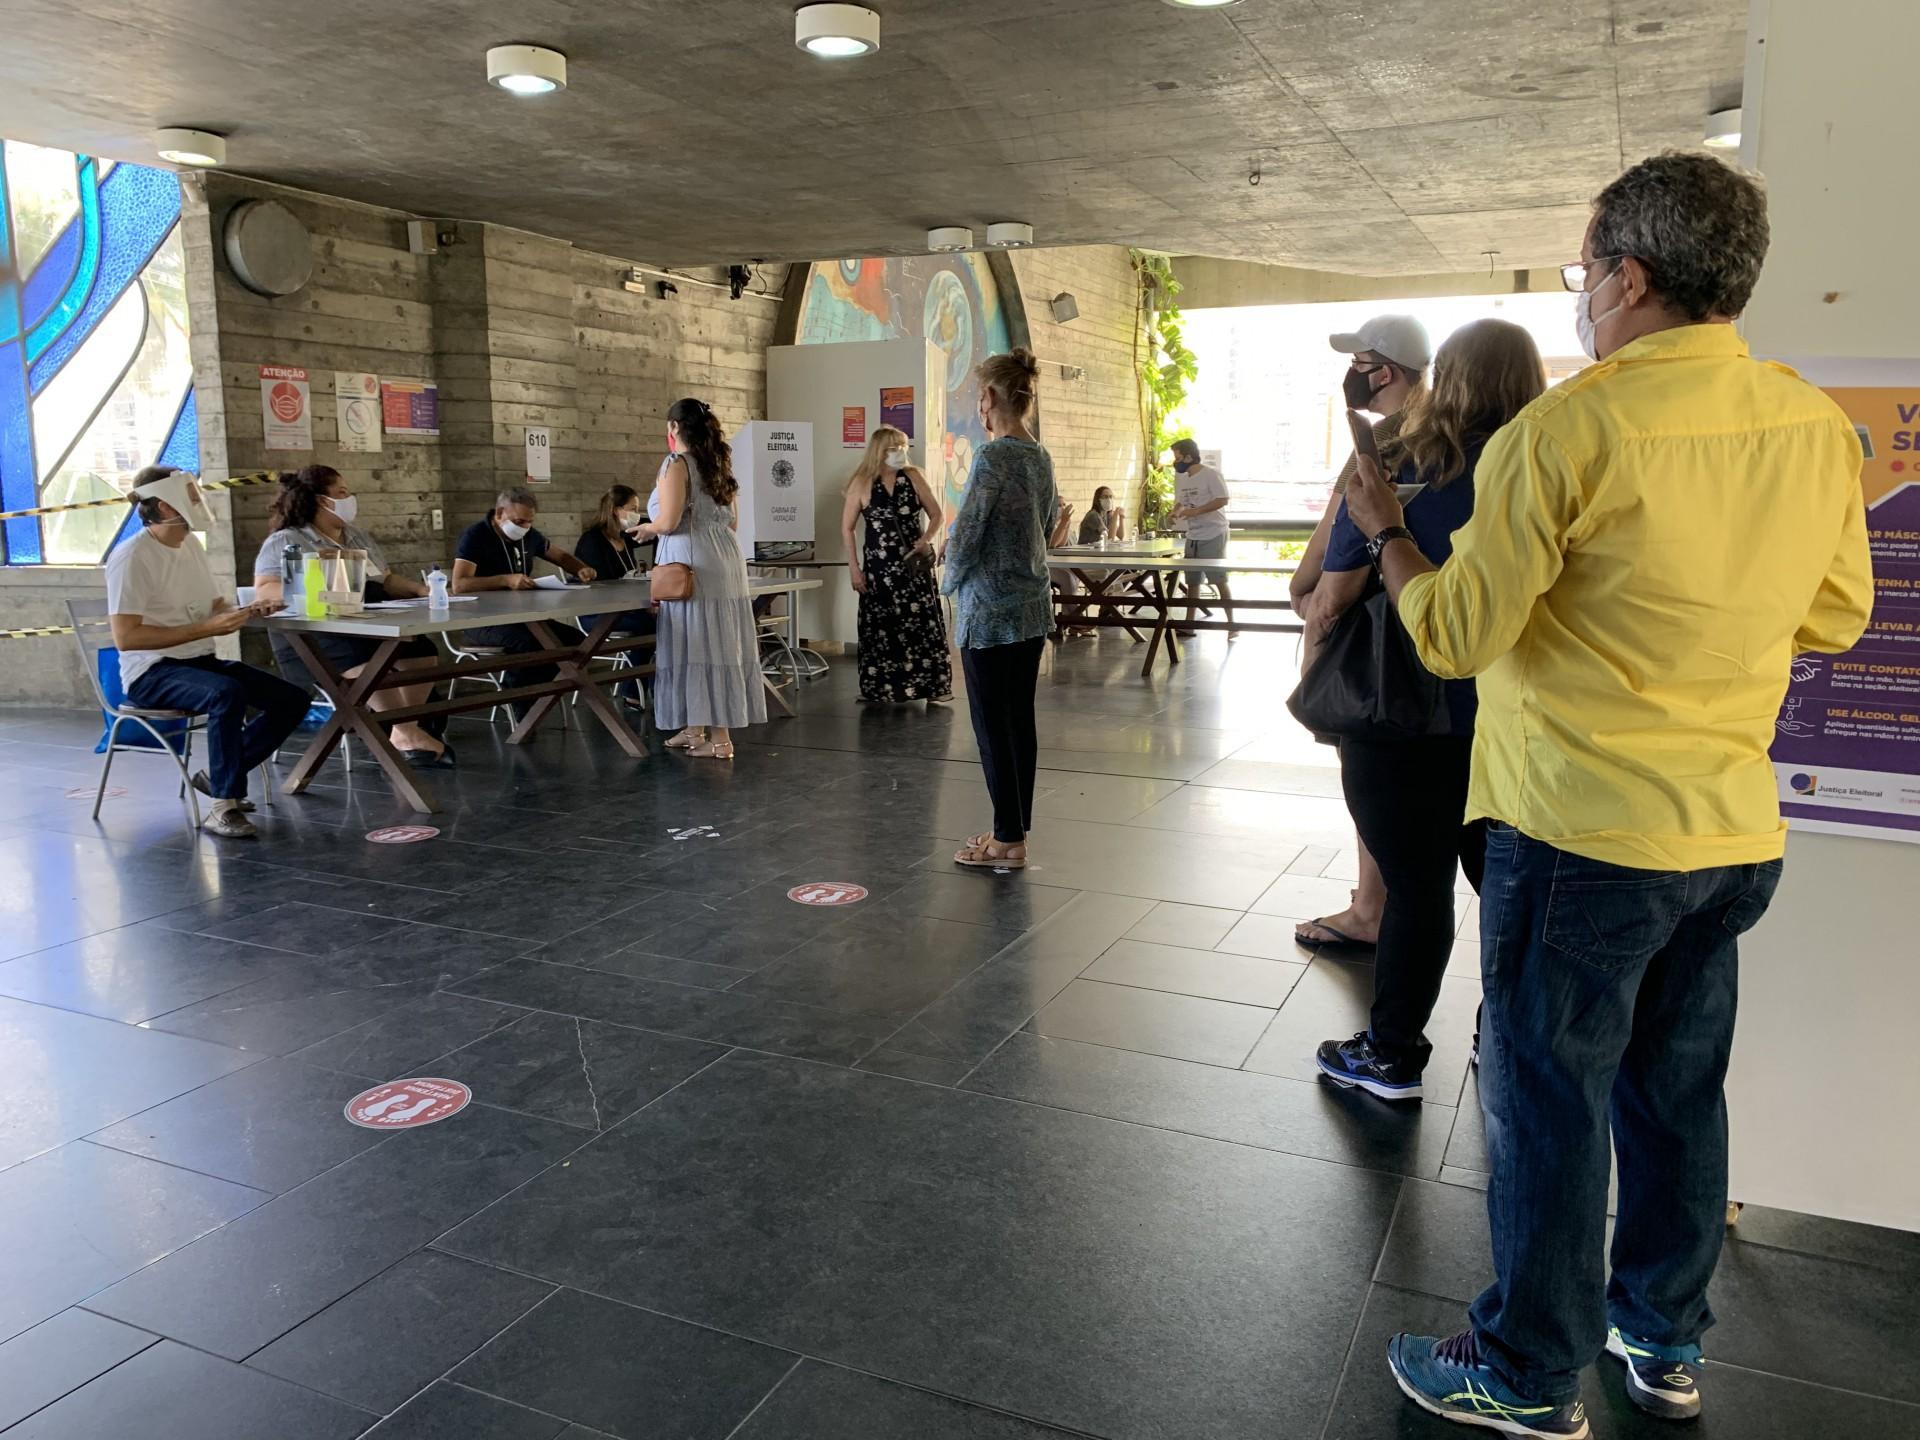 FORTALEZA, CE, 15-11-2020: Eleições 2020. Local: Espaço Aberto da Dom Luis. (Fotos: Deisa Garcêz/Especial para O Povo)